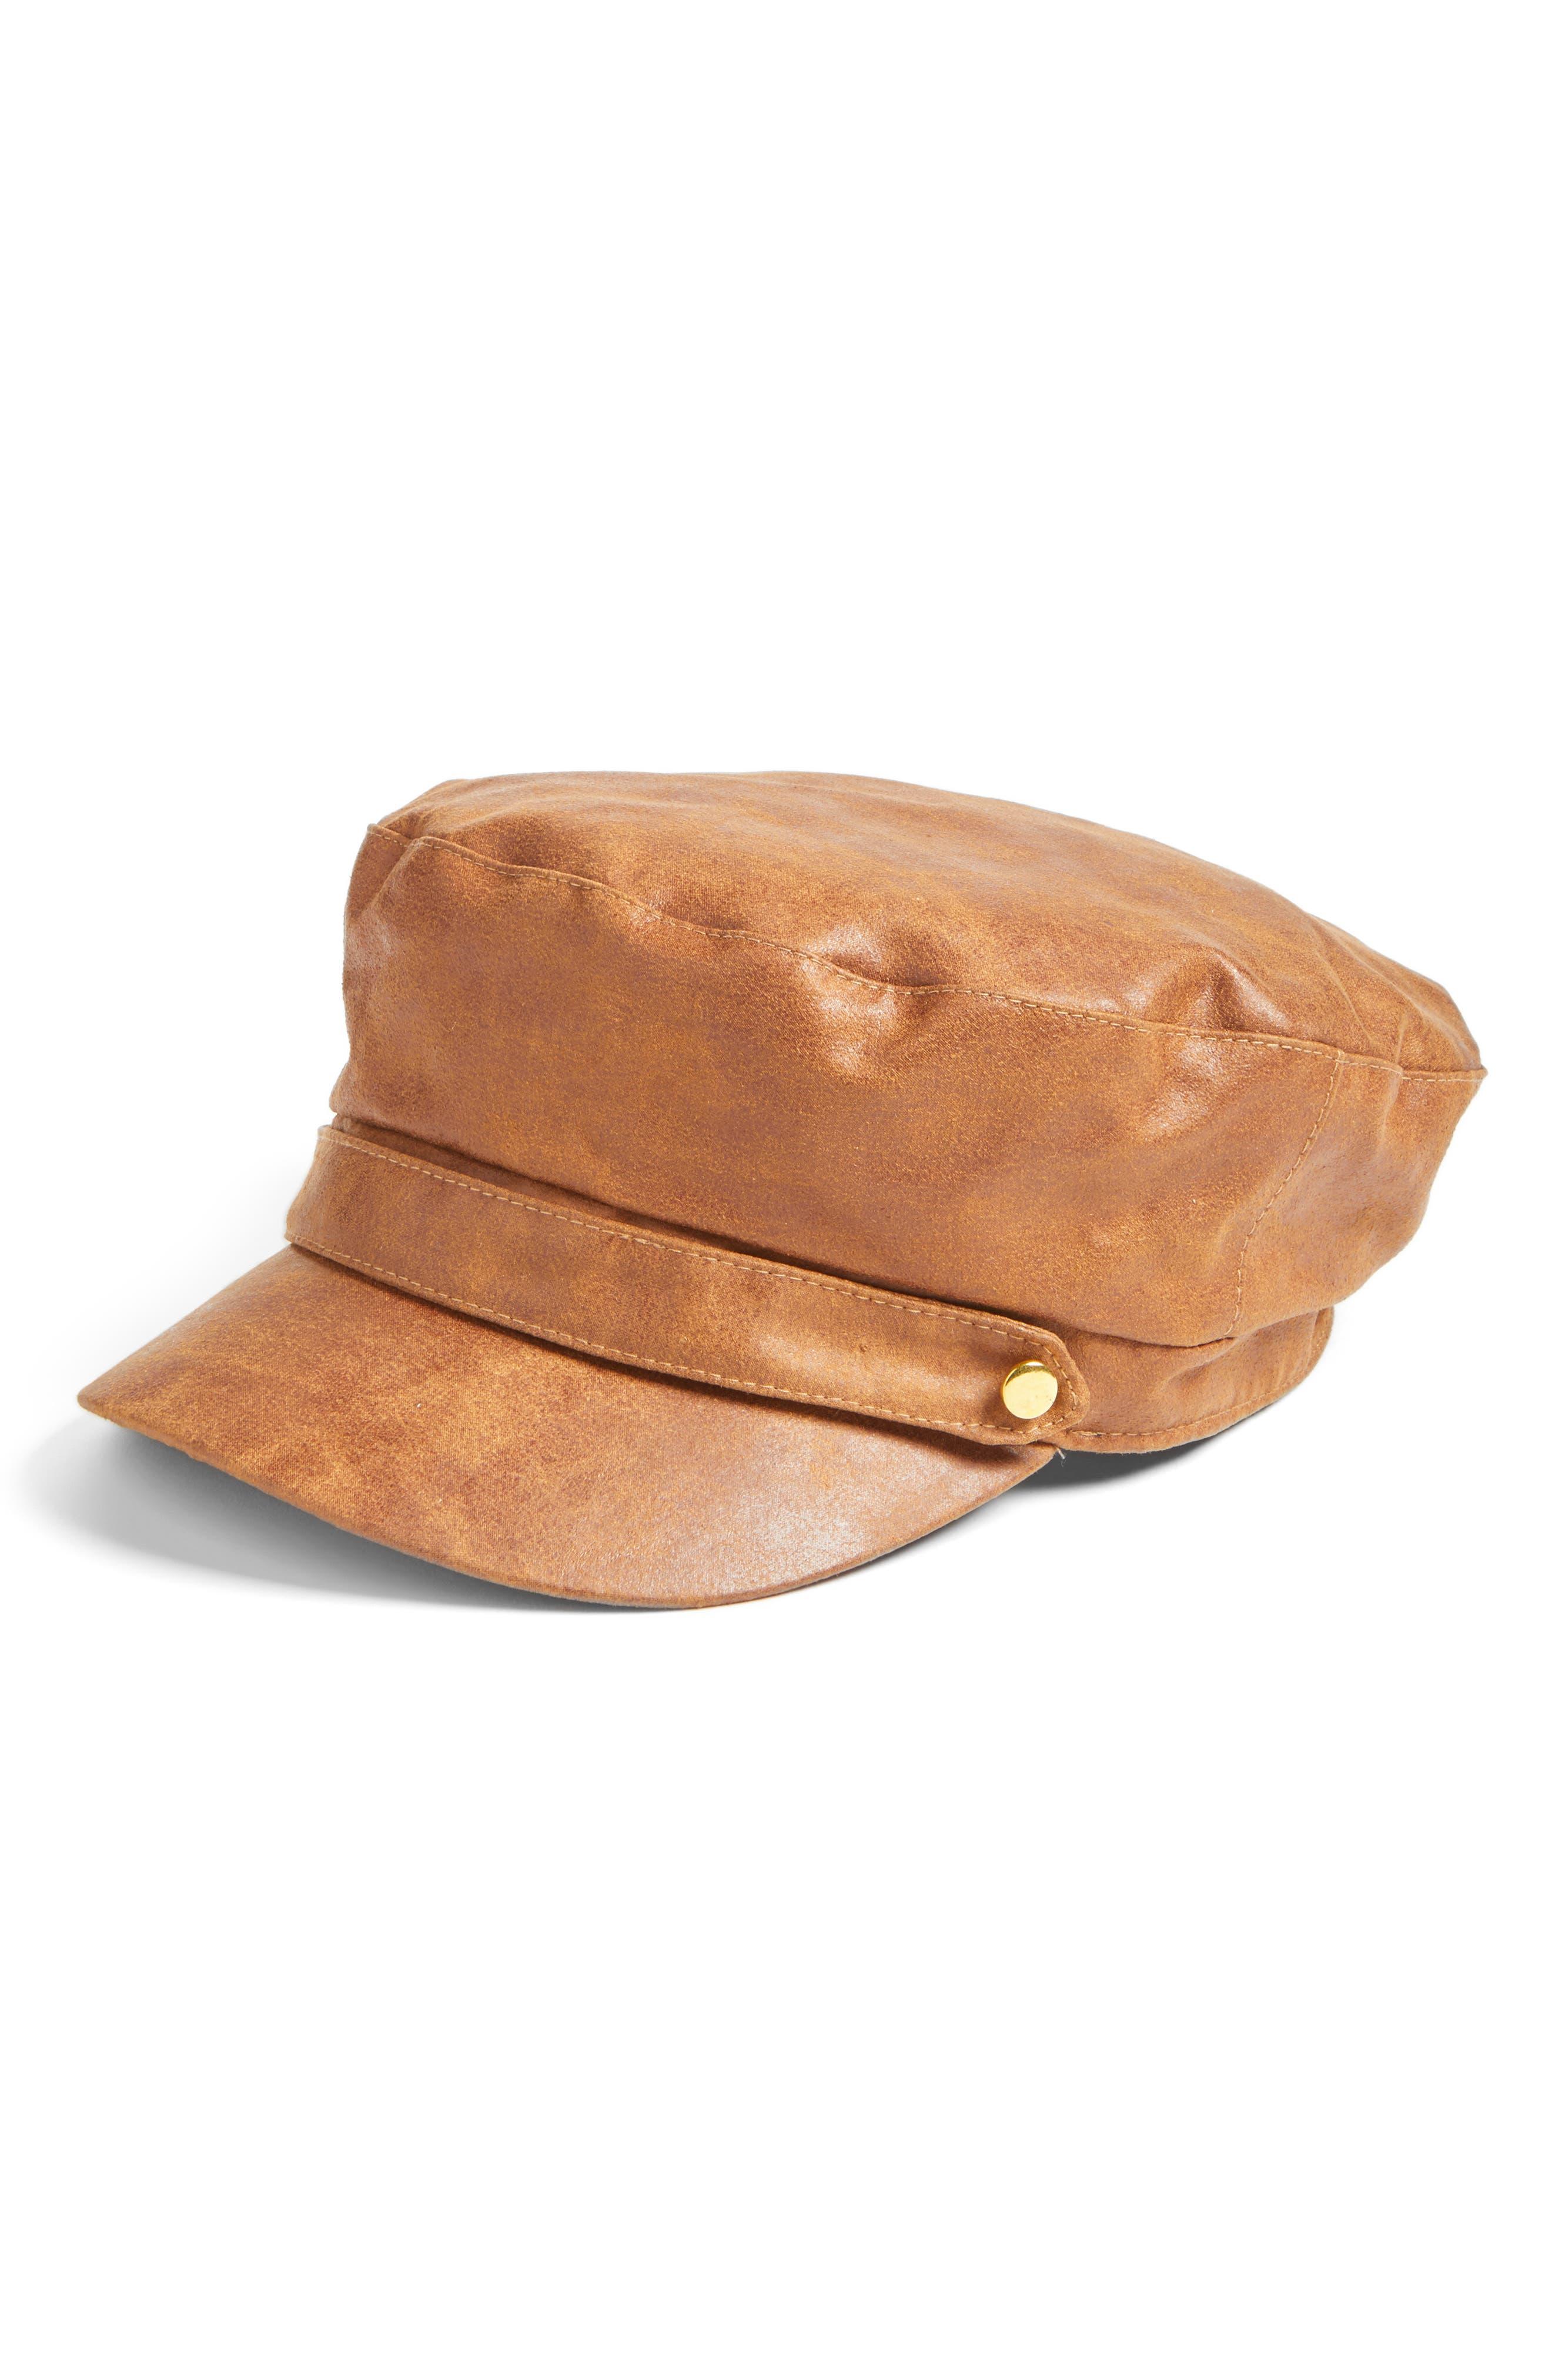 August Hat Lieutenant Cap